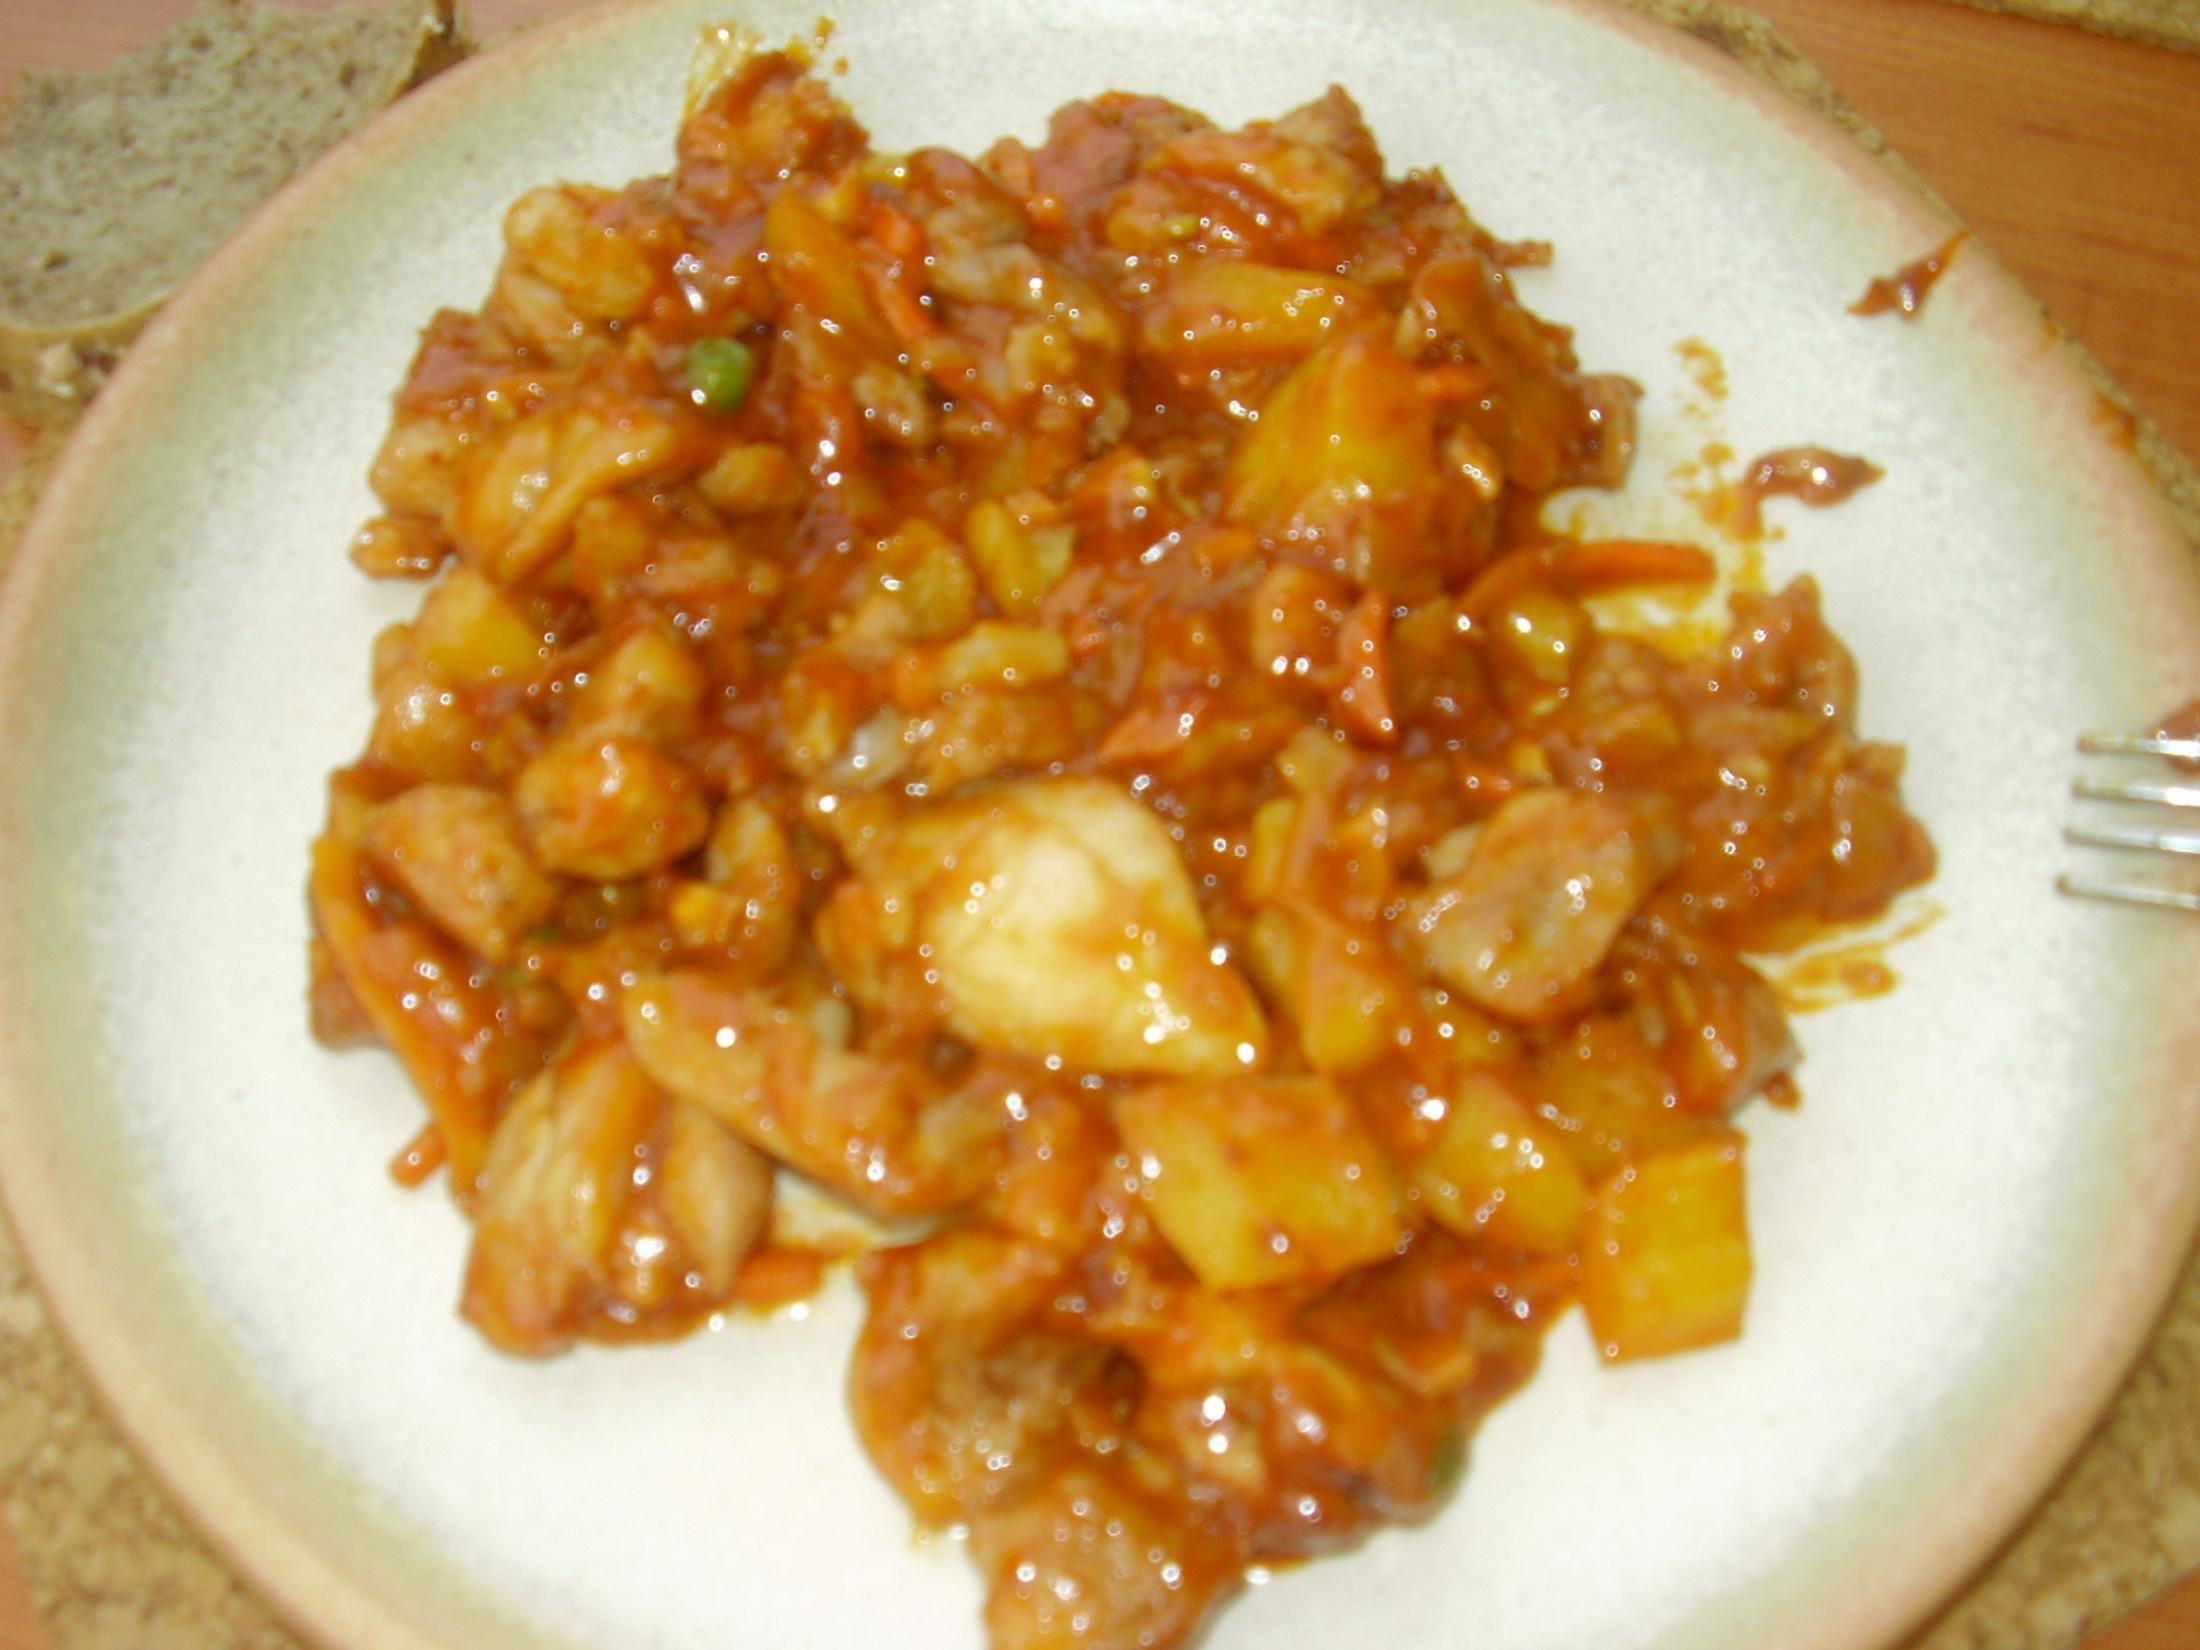 Fotografie receptu: Marinovaná čína s ořechy